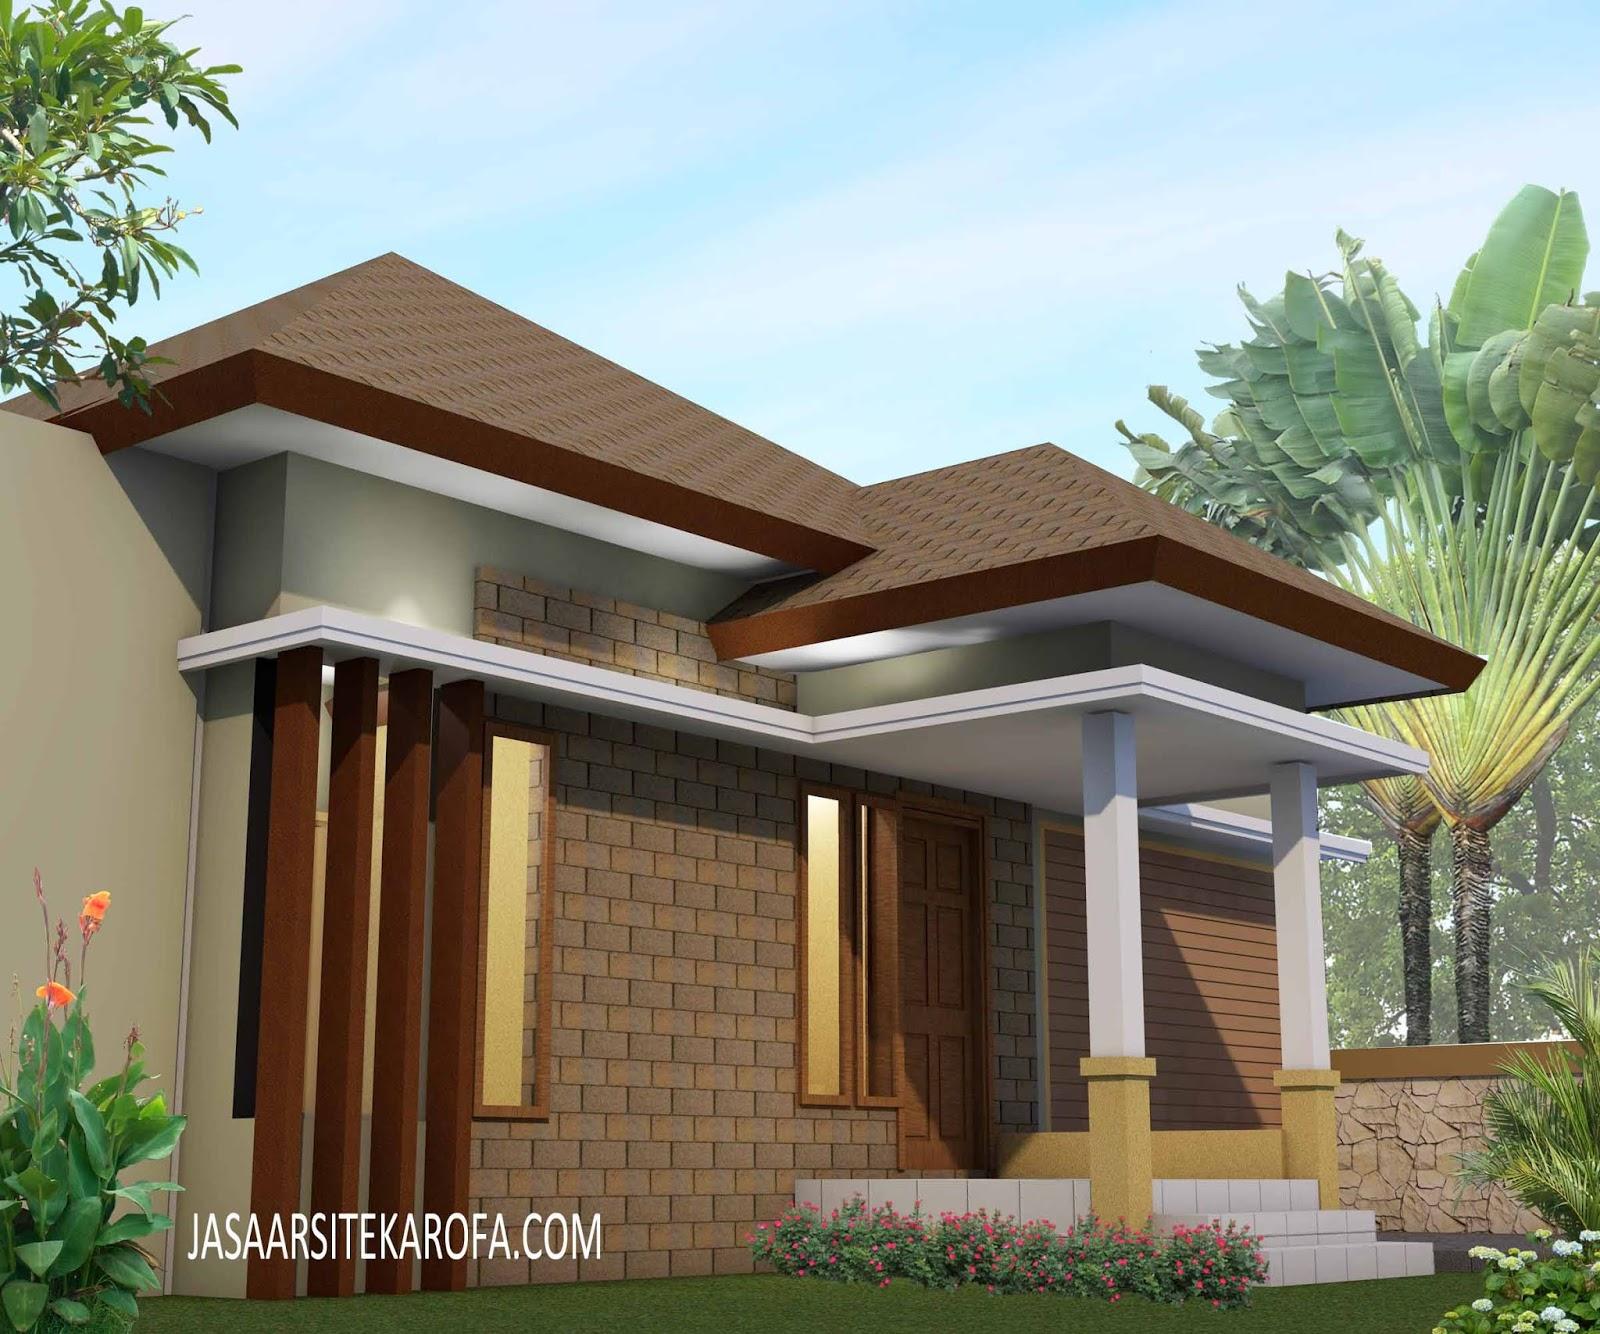 14 rumah minimalis 2020 terbaru